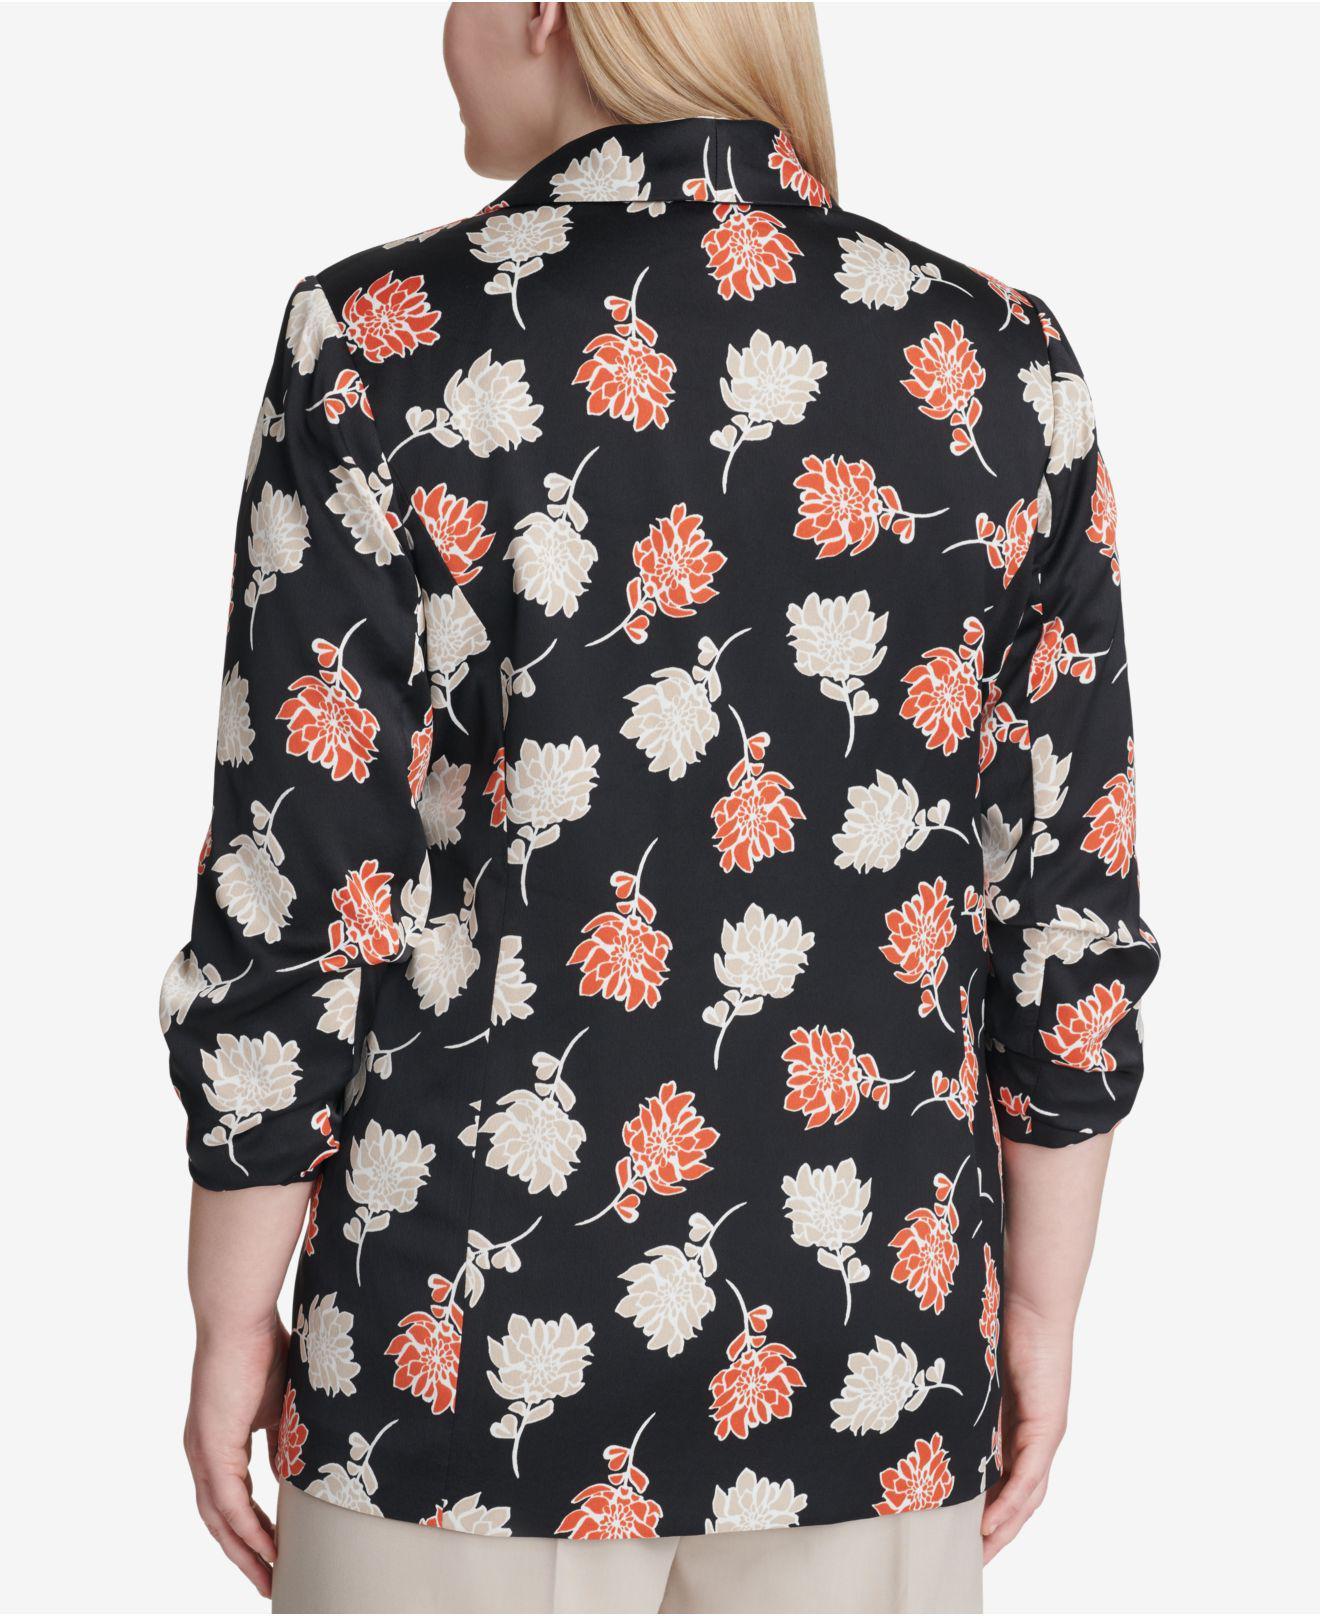 0c73d6e37d8c2 Lyst - Calvin Klein Floral Printed Blazer